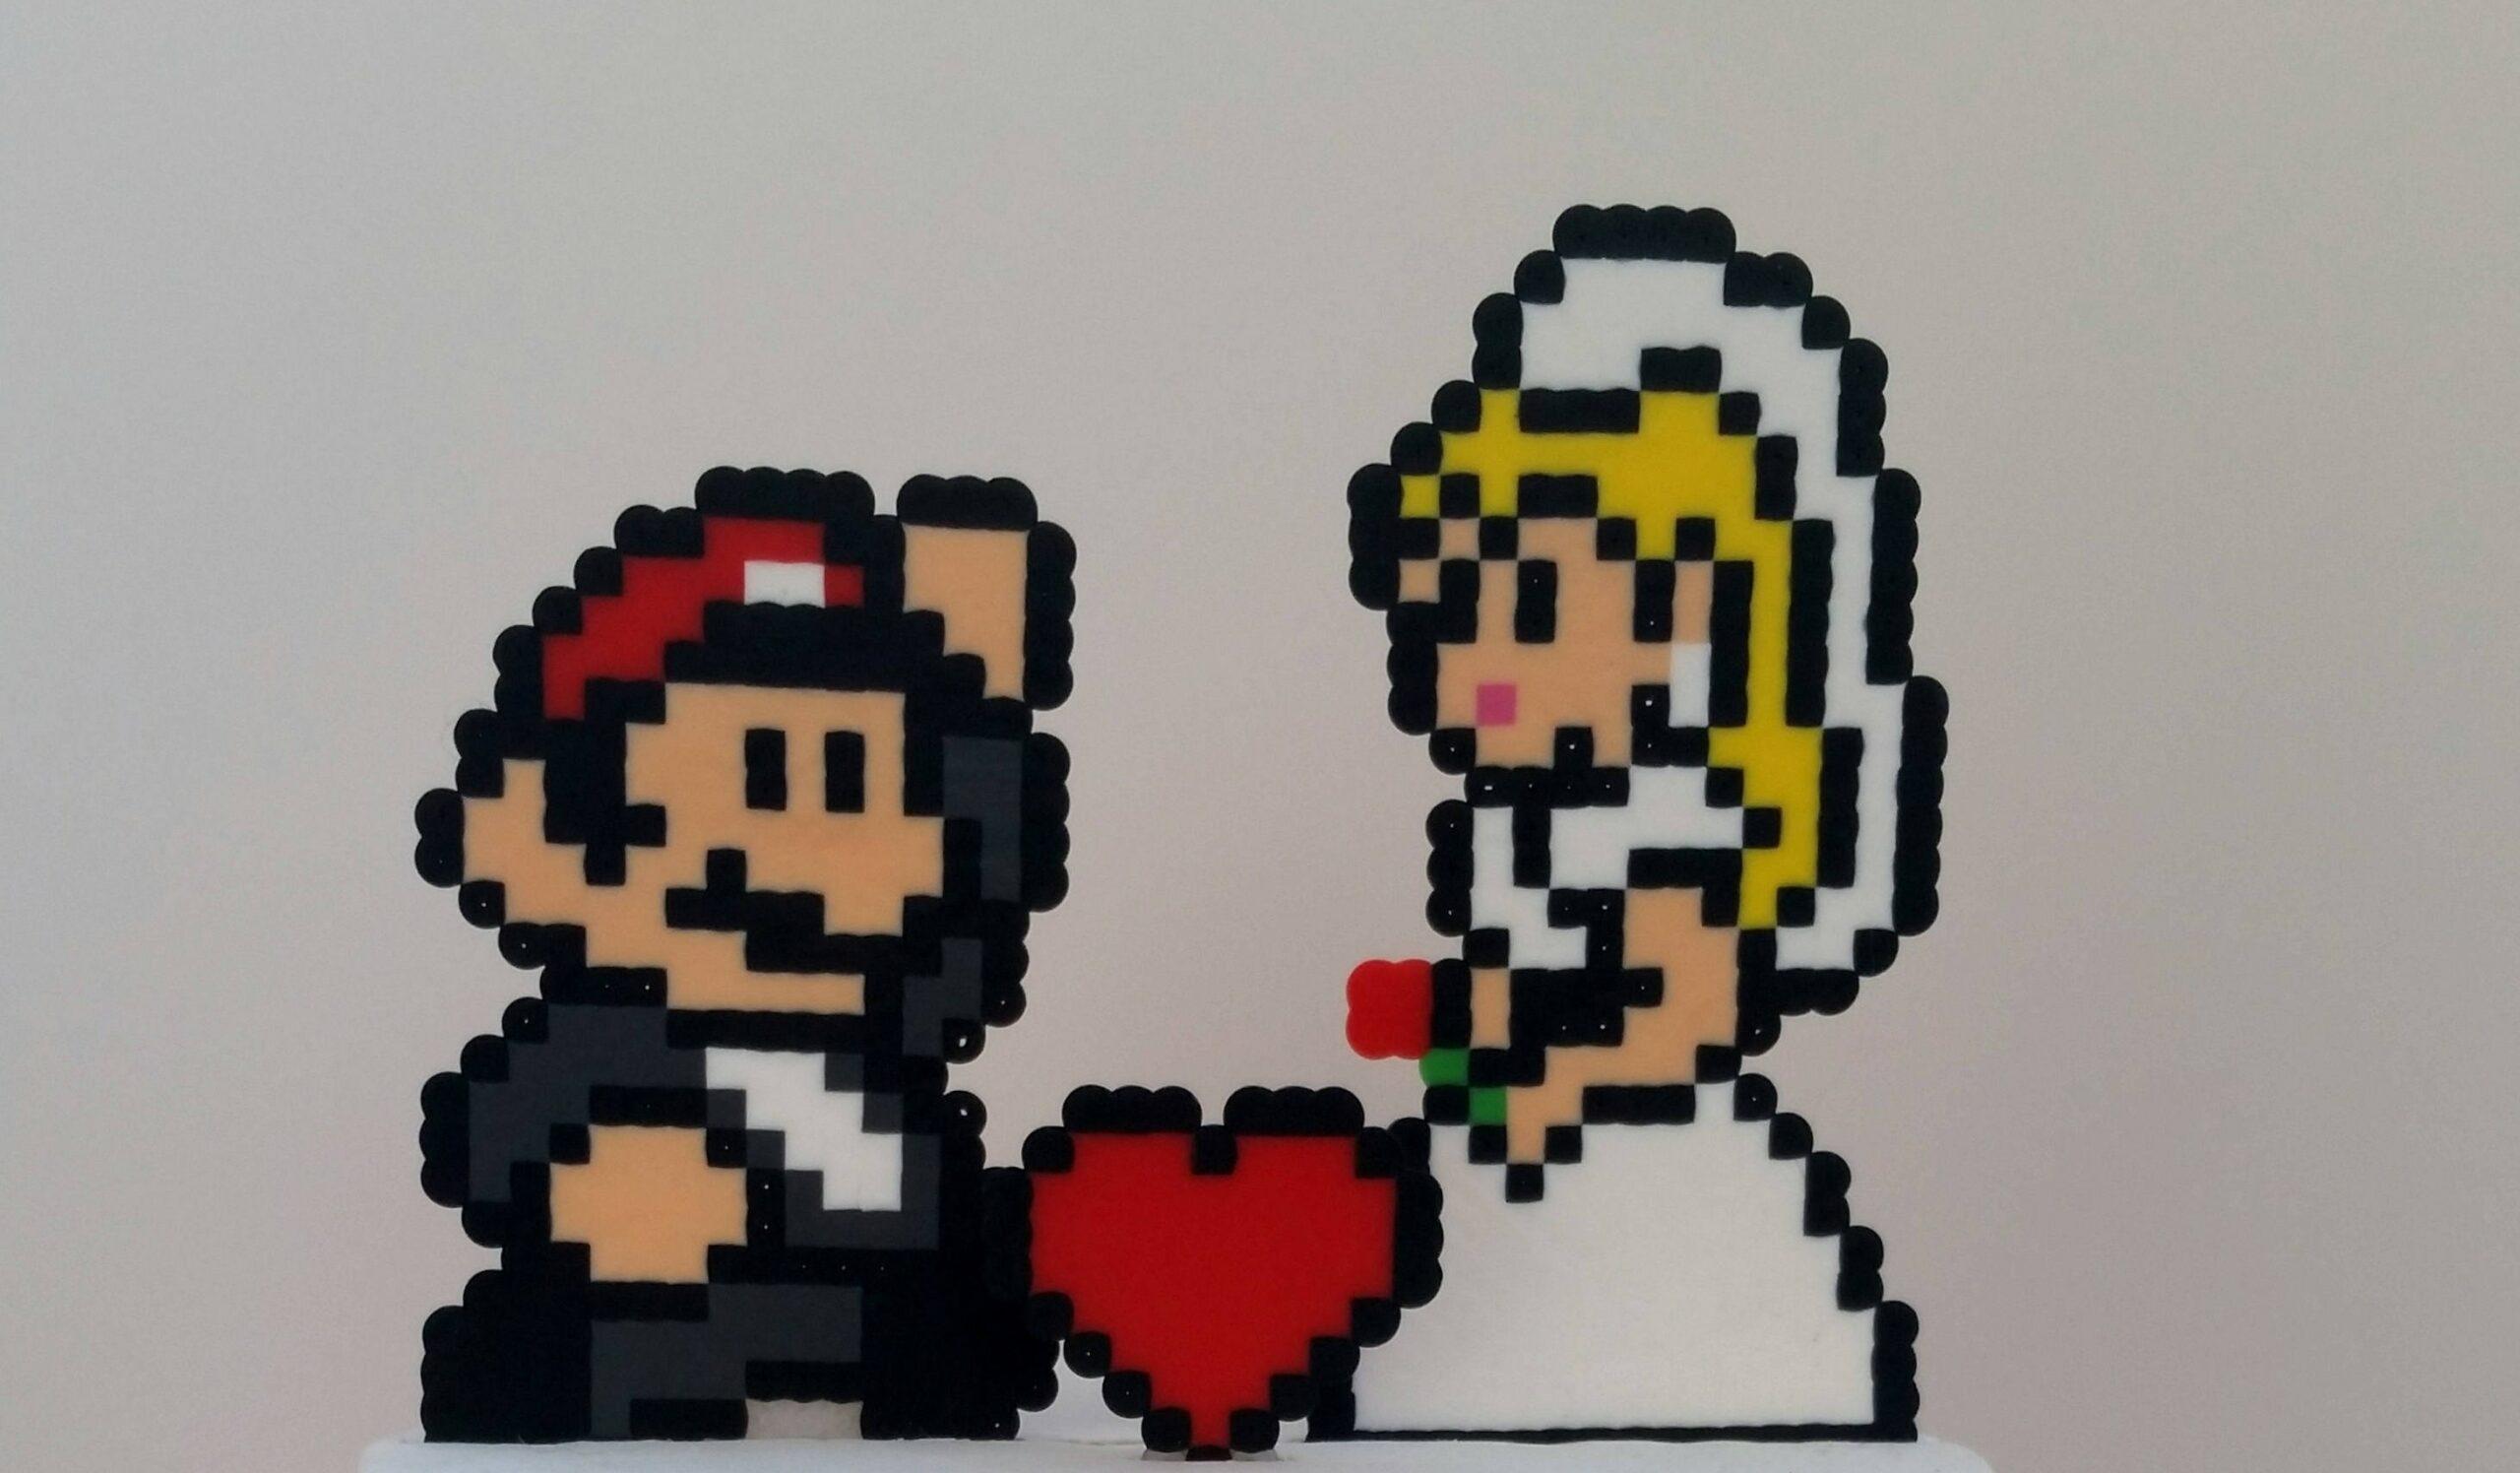 Super Mario Cake Toppers: Pixel-Helden für die (Hochzeits-)Torte